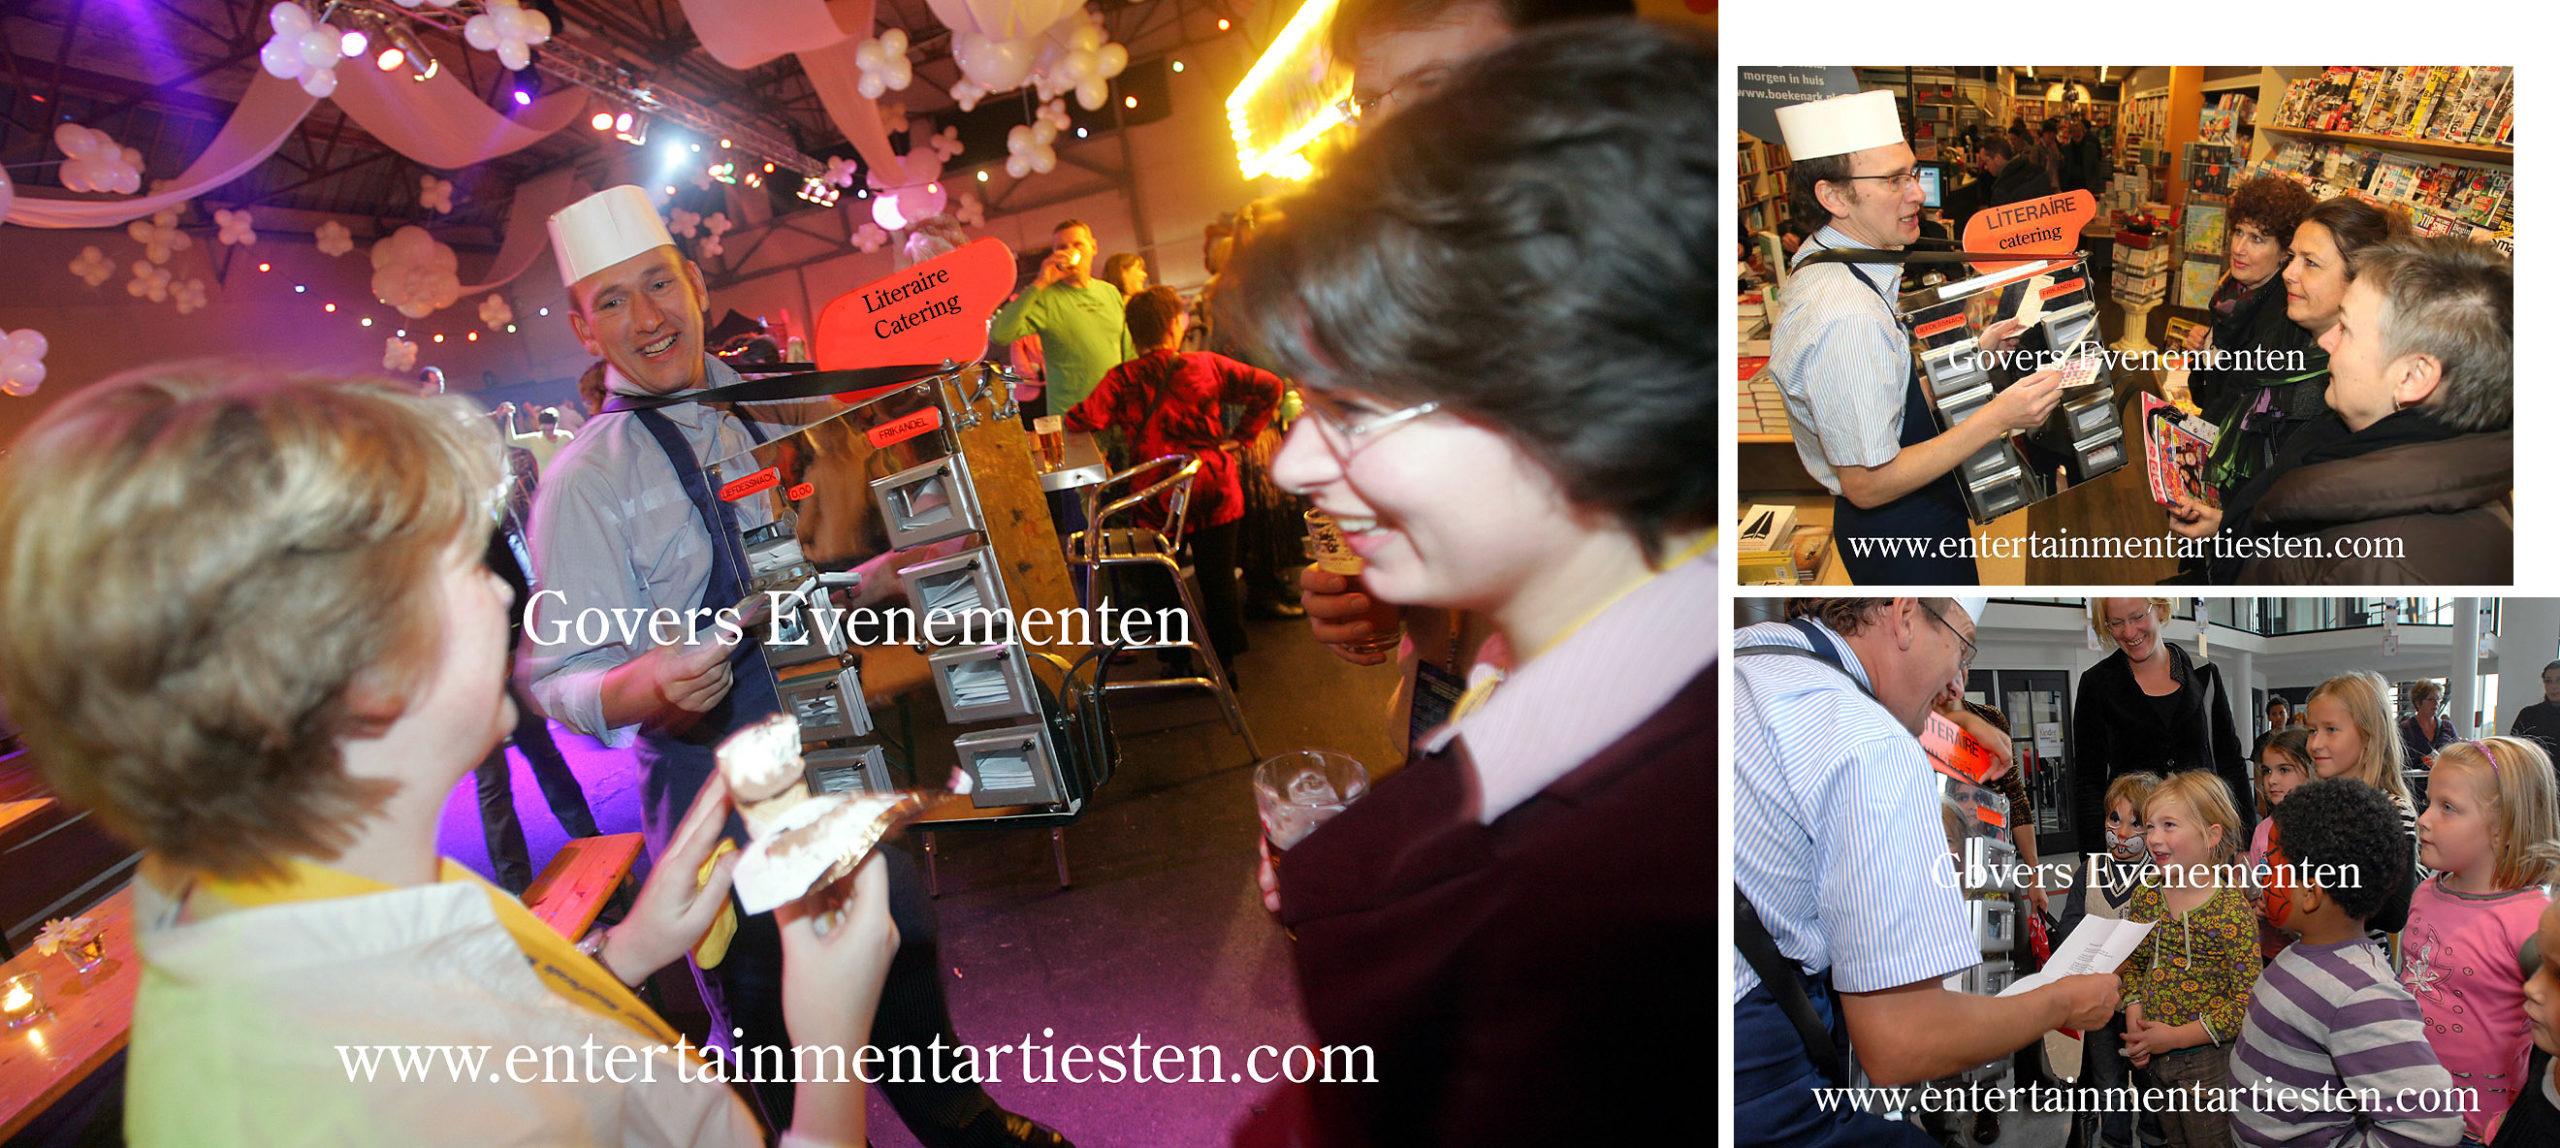 Catering literair, Een literair gedicht voorgedragen voor consument vanuit een mobiele snackbar, Categorie Straattheater - straatartiesten, themafeest, thema entertainment inhuren, Govers Evenementen, www.goversartiesten.nl